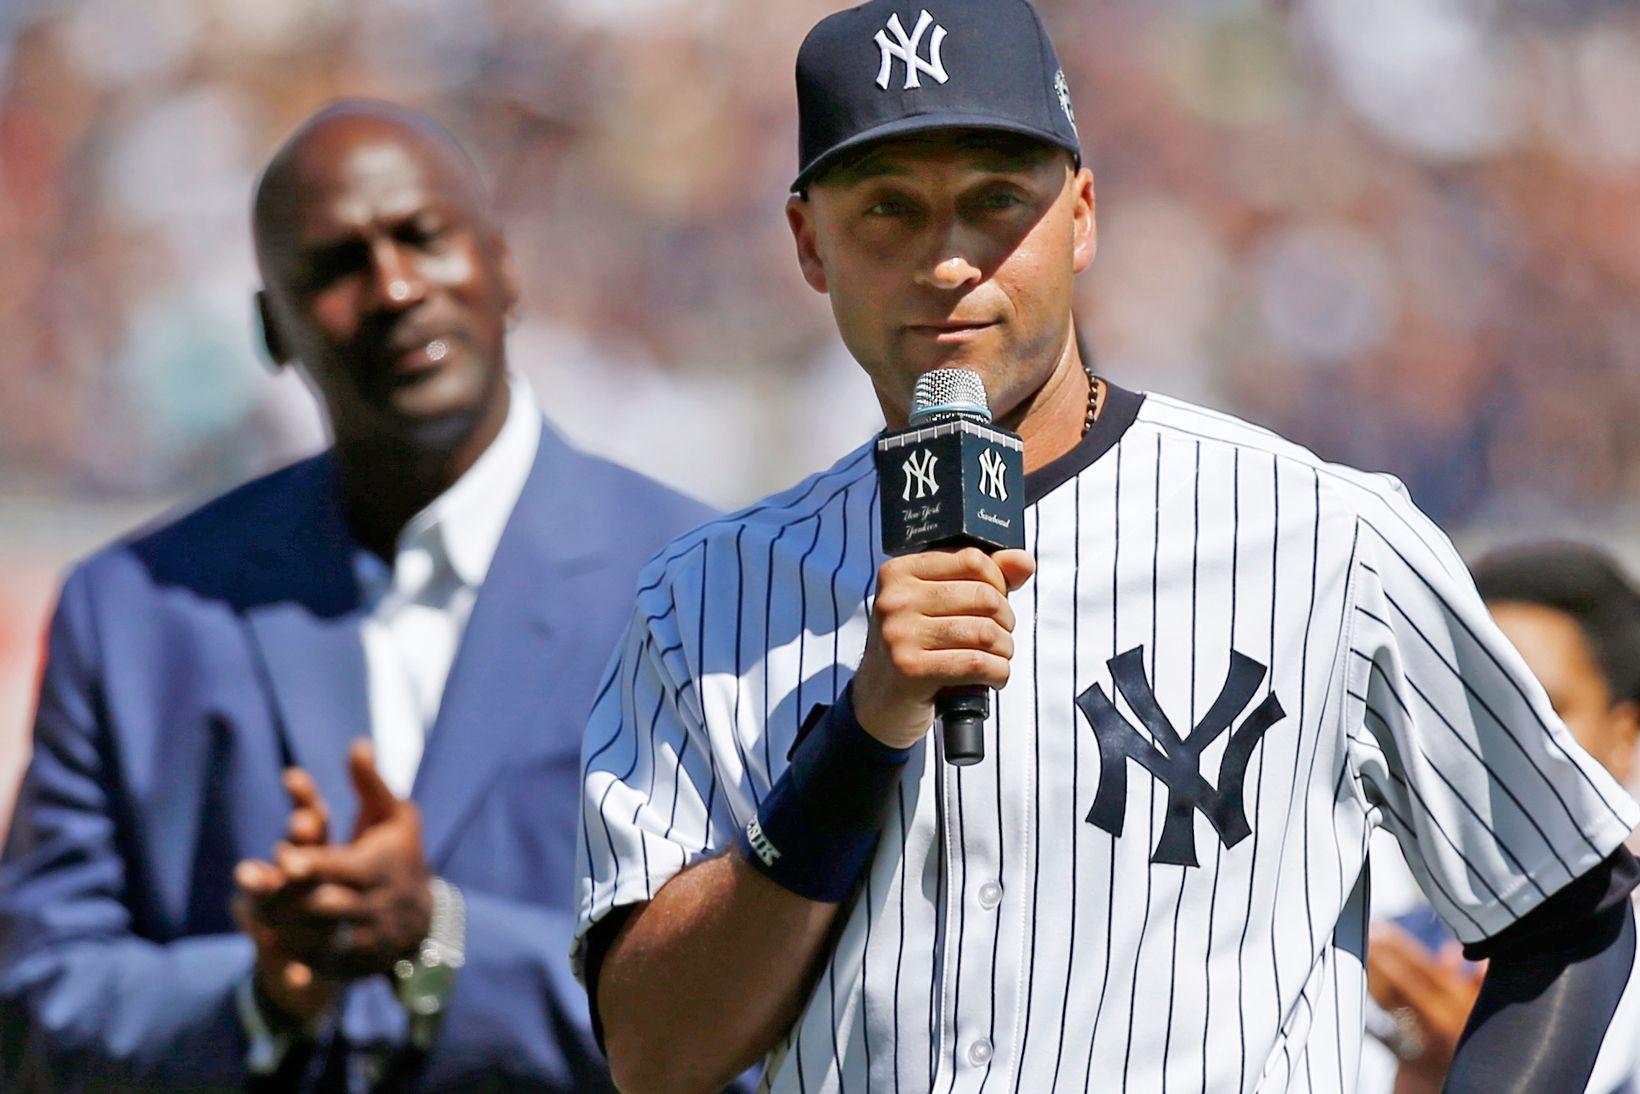 Michael Jordan Pens A Sincere Letter Praising Derek Jeter And His Legacy Derek Jeter New York Yankees Michael Jordan